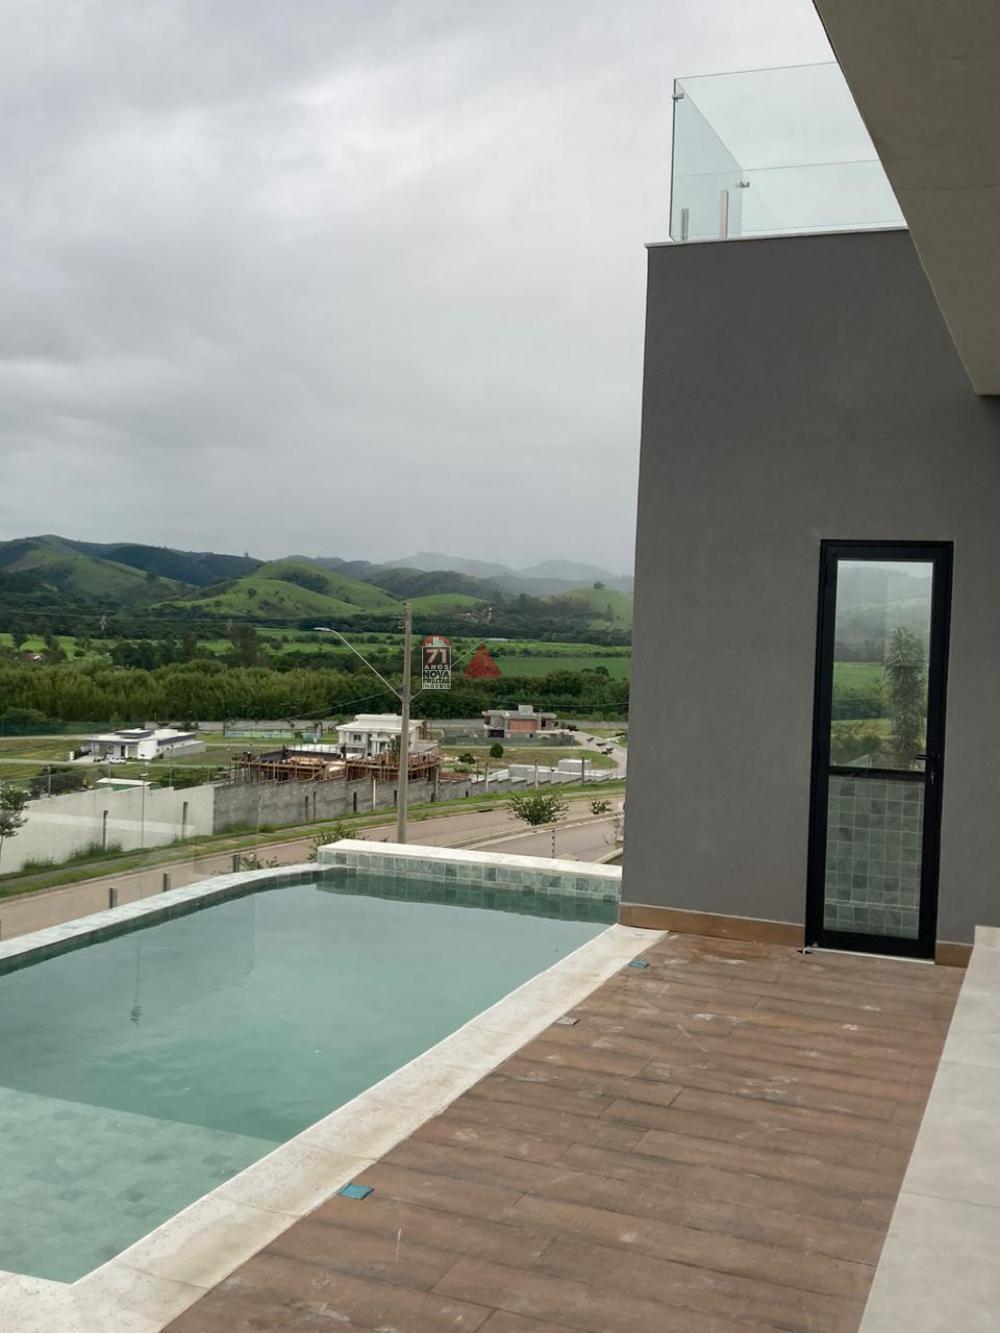 Comprar Casa / Sobrado em Condomínio em São José dos Campos apenas R$ 3.000.000,00 - Foto 8